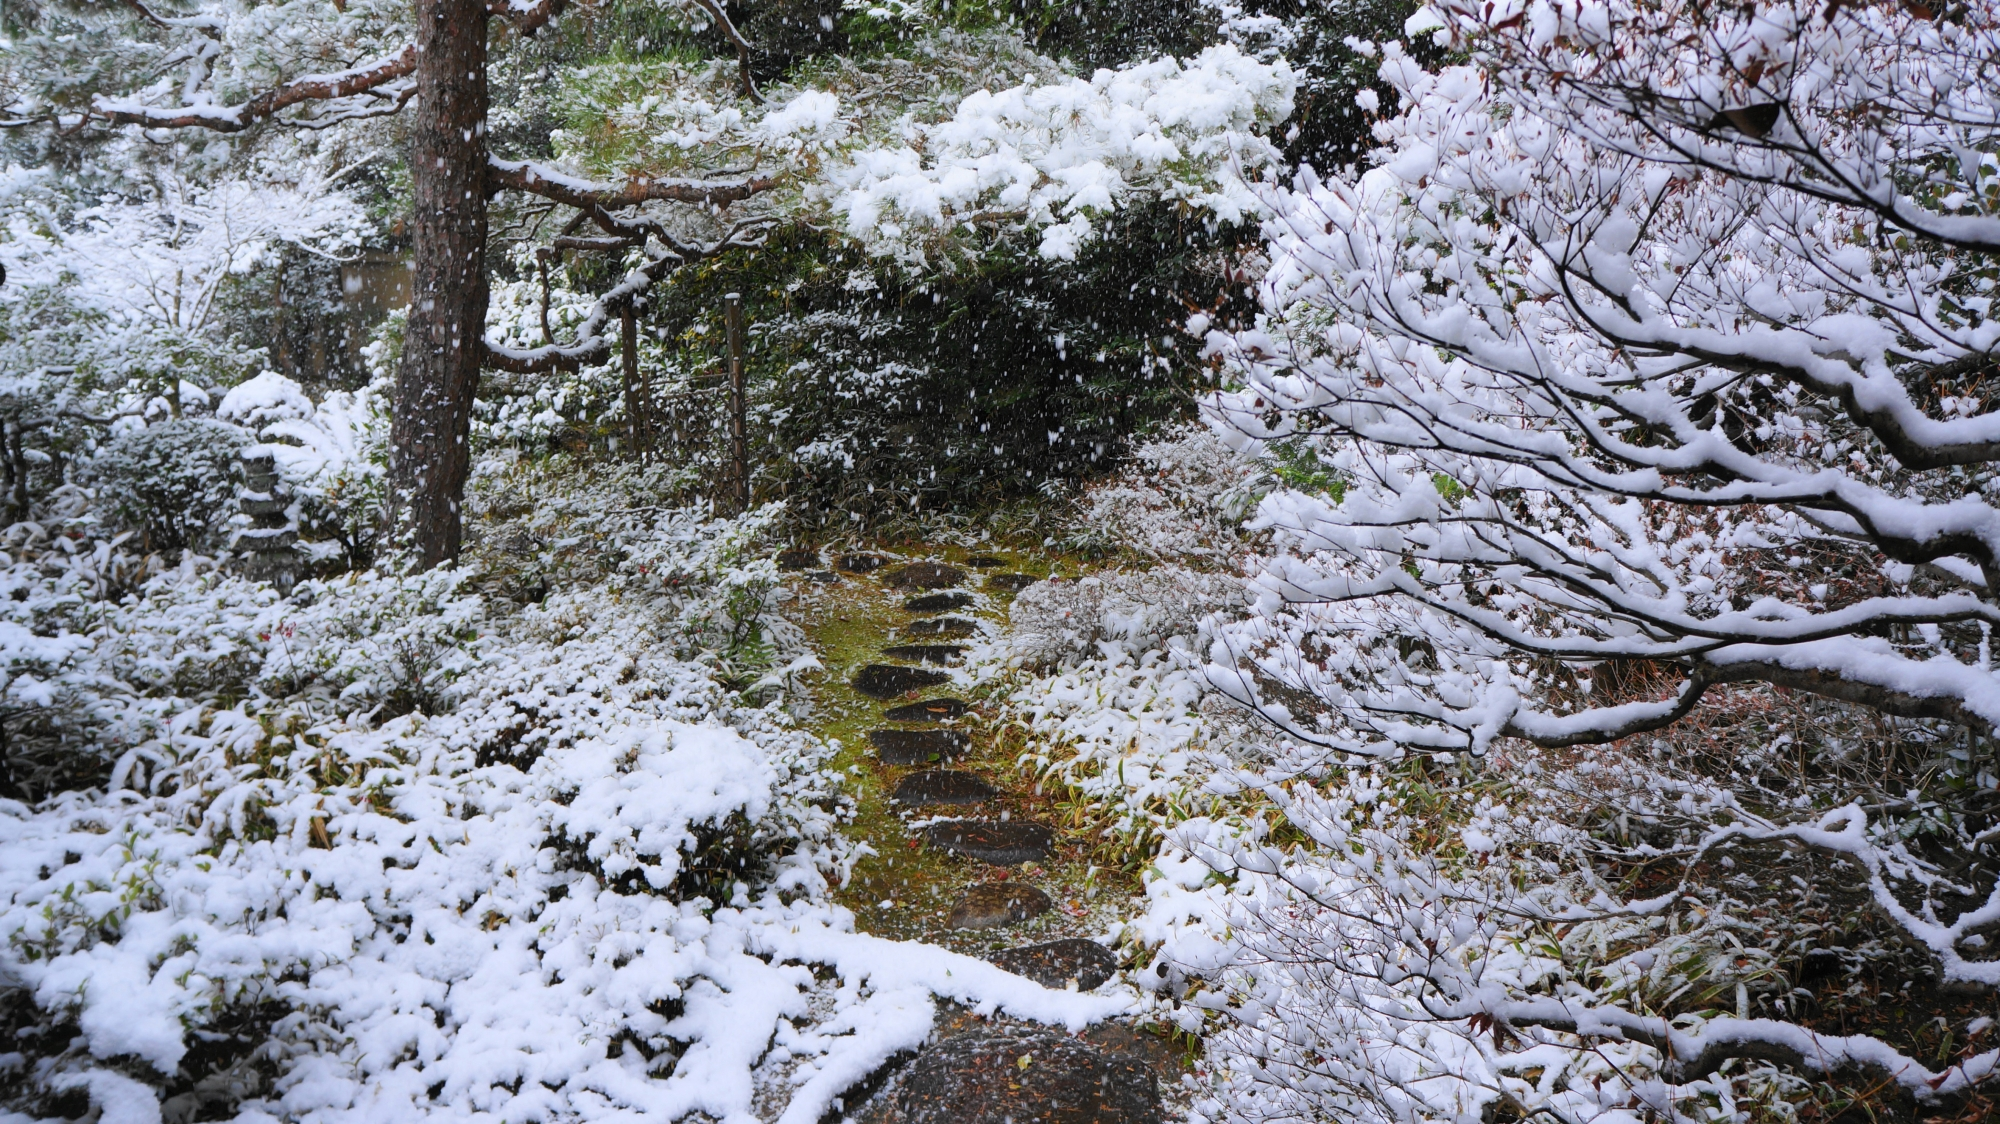 高桐院庭園の美しく華やかな雪景色